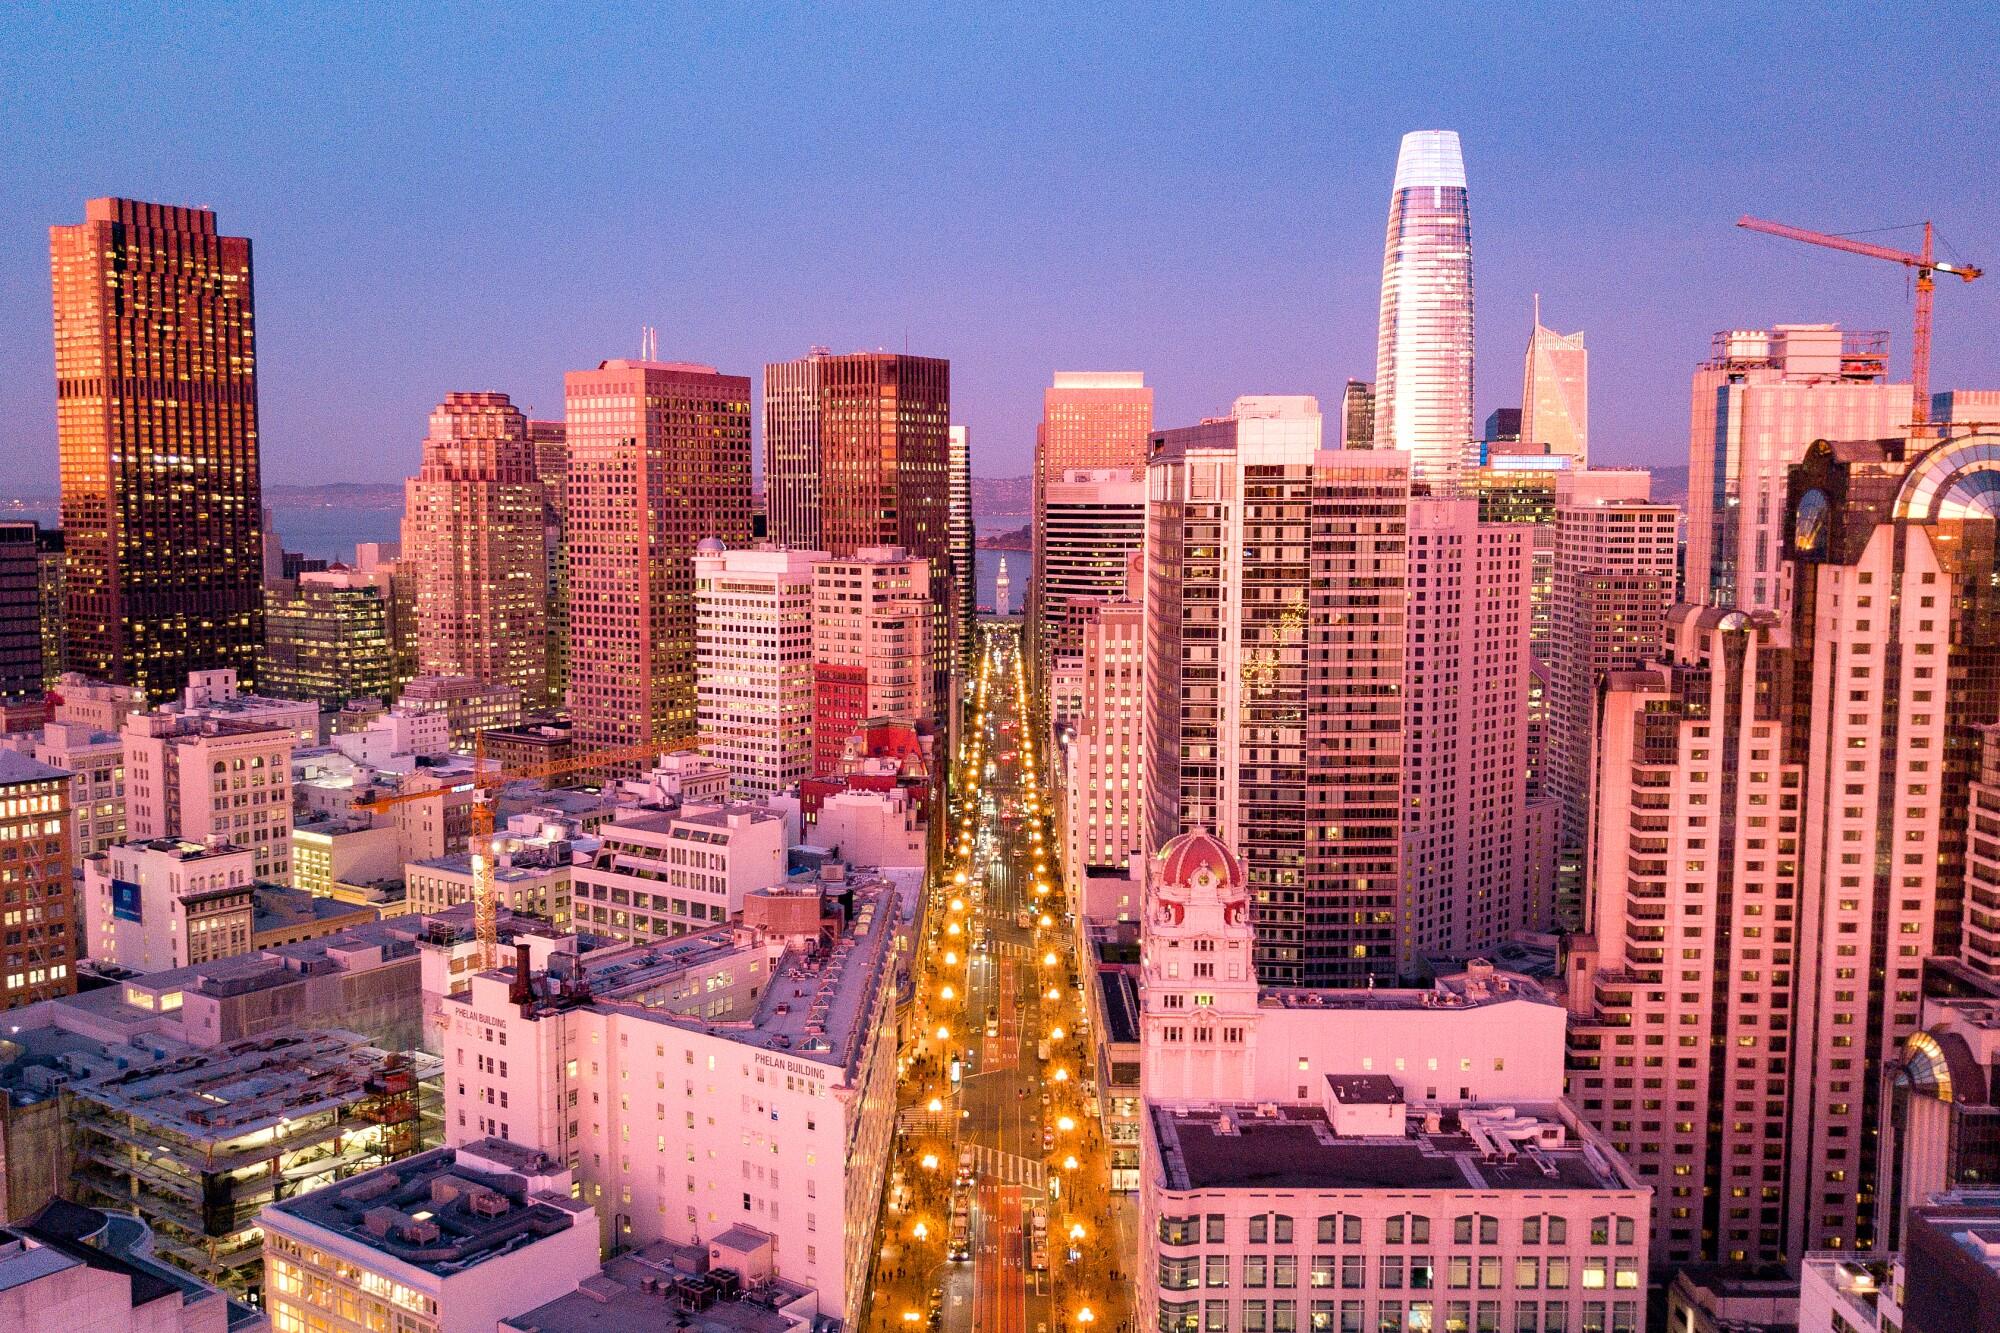 Market Street in San Francisco